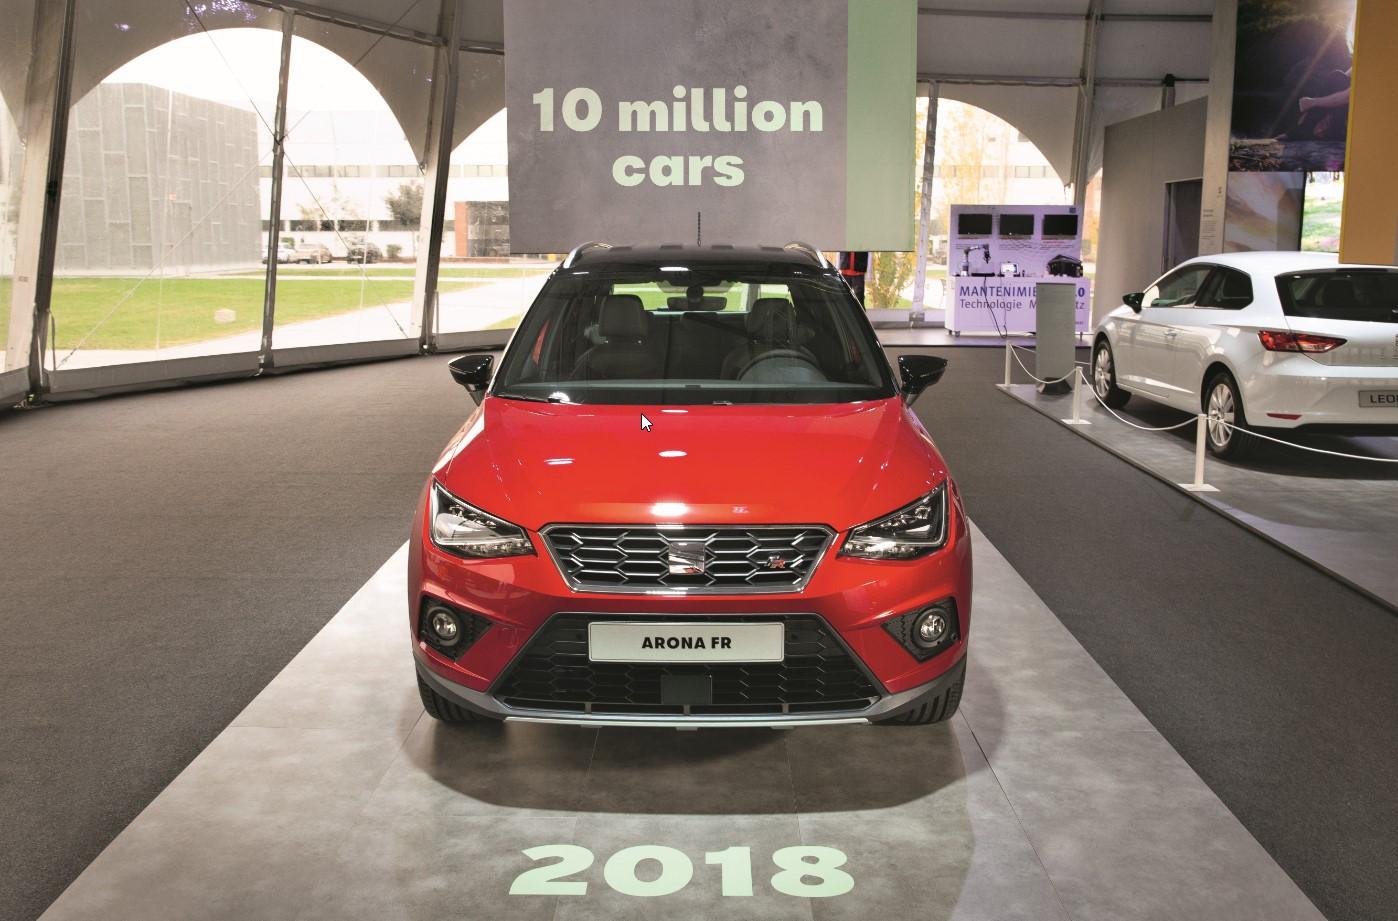 Una Arona FR 1.5 TSI, es el modelo 10 millones de SEAT que sale de la línea de producción de la fábrica en Martorell